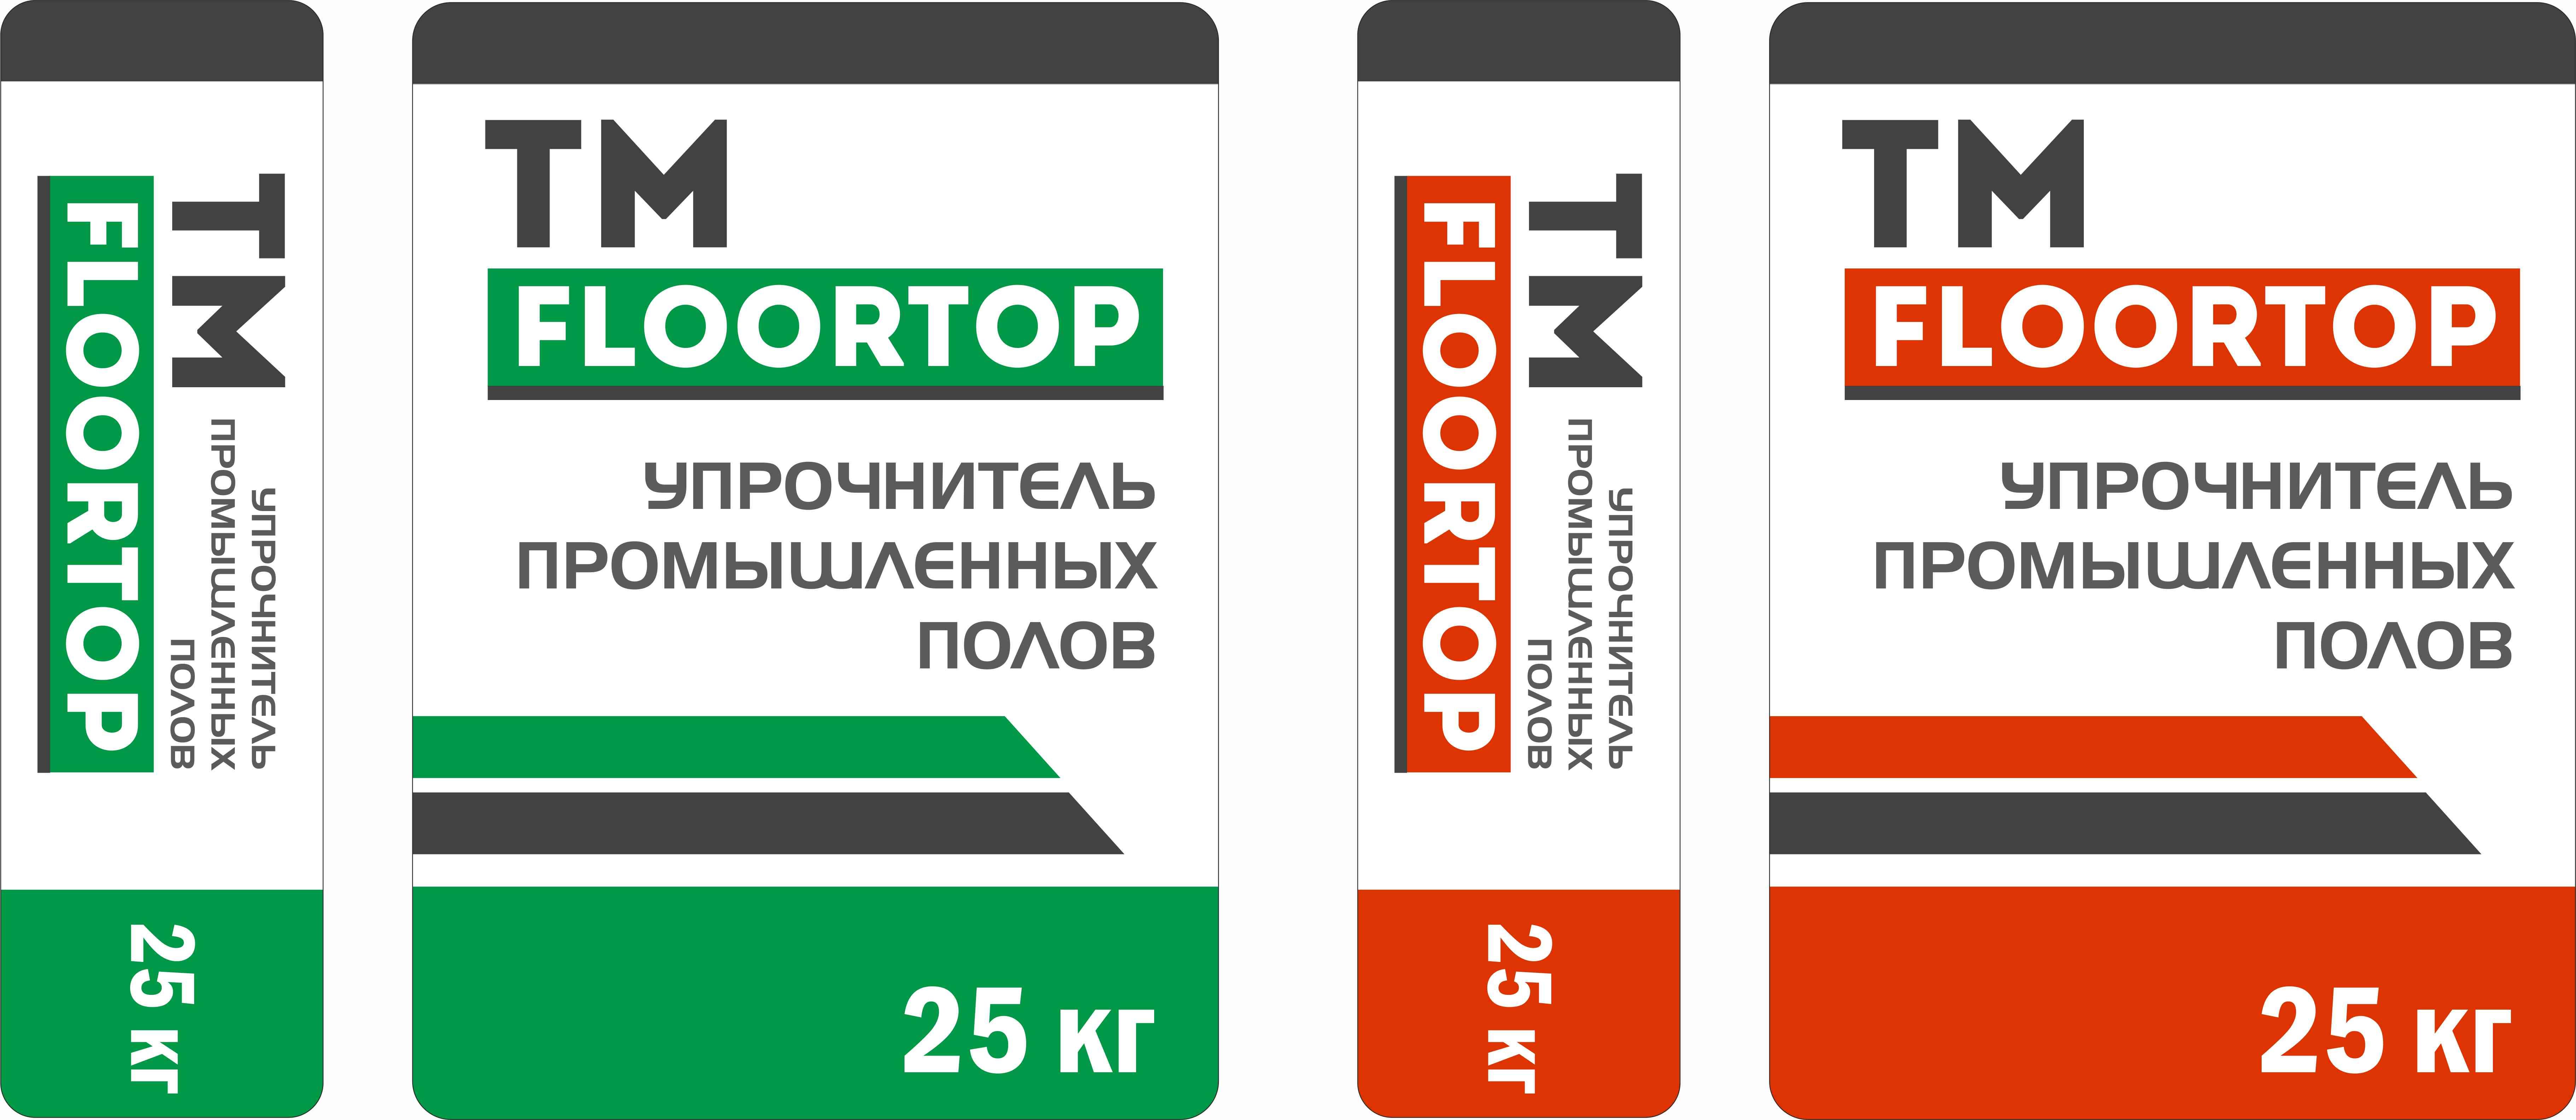 Разработка логотипа и дизайна на упаковку для сухой смеси фото f_4395d26c60296f03.jpg